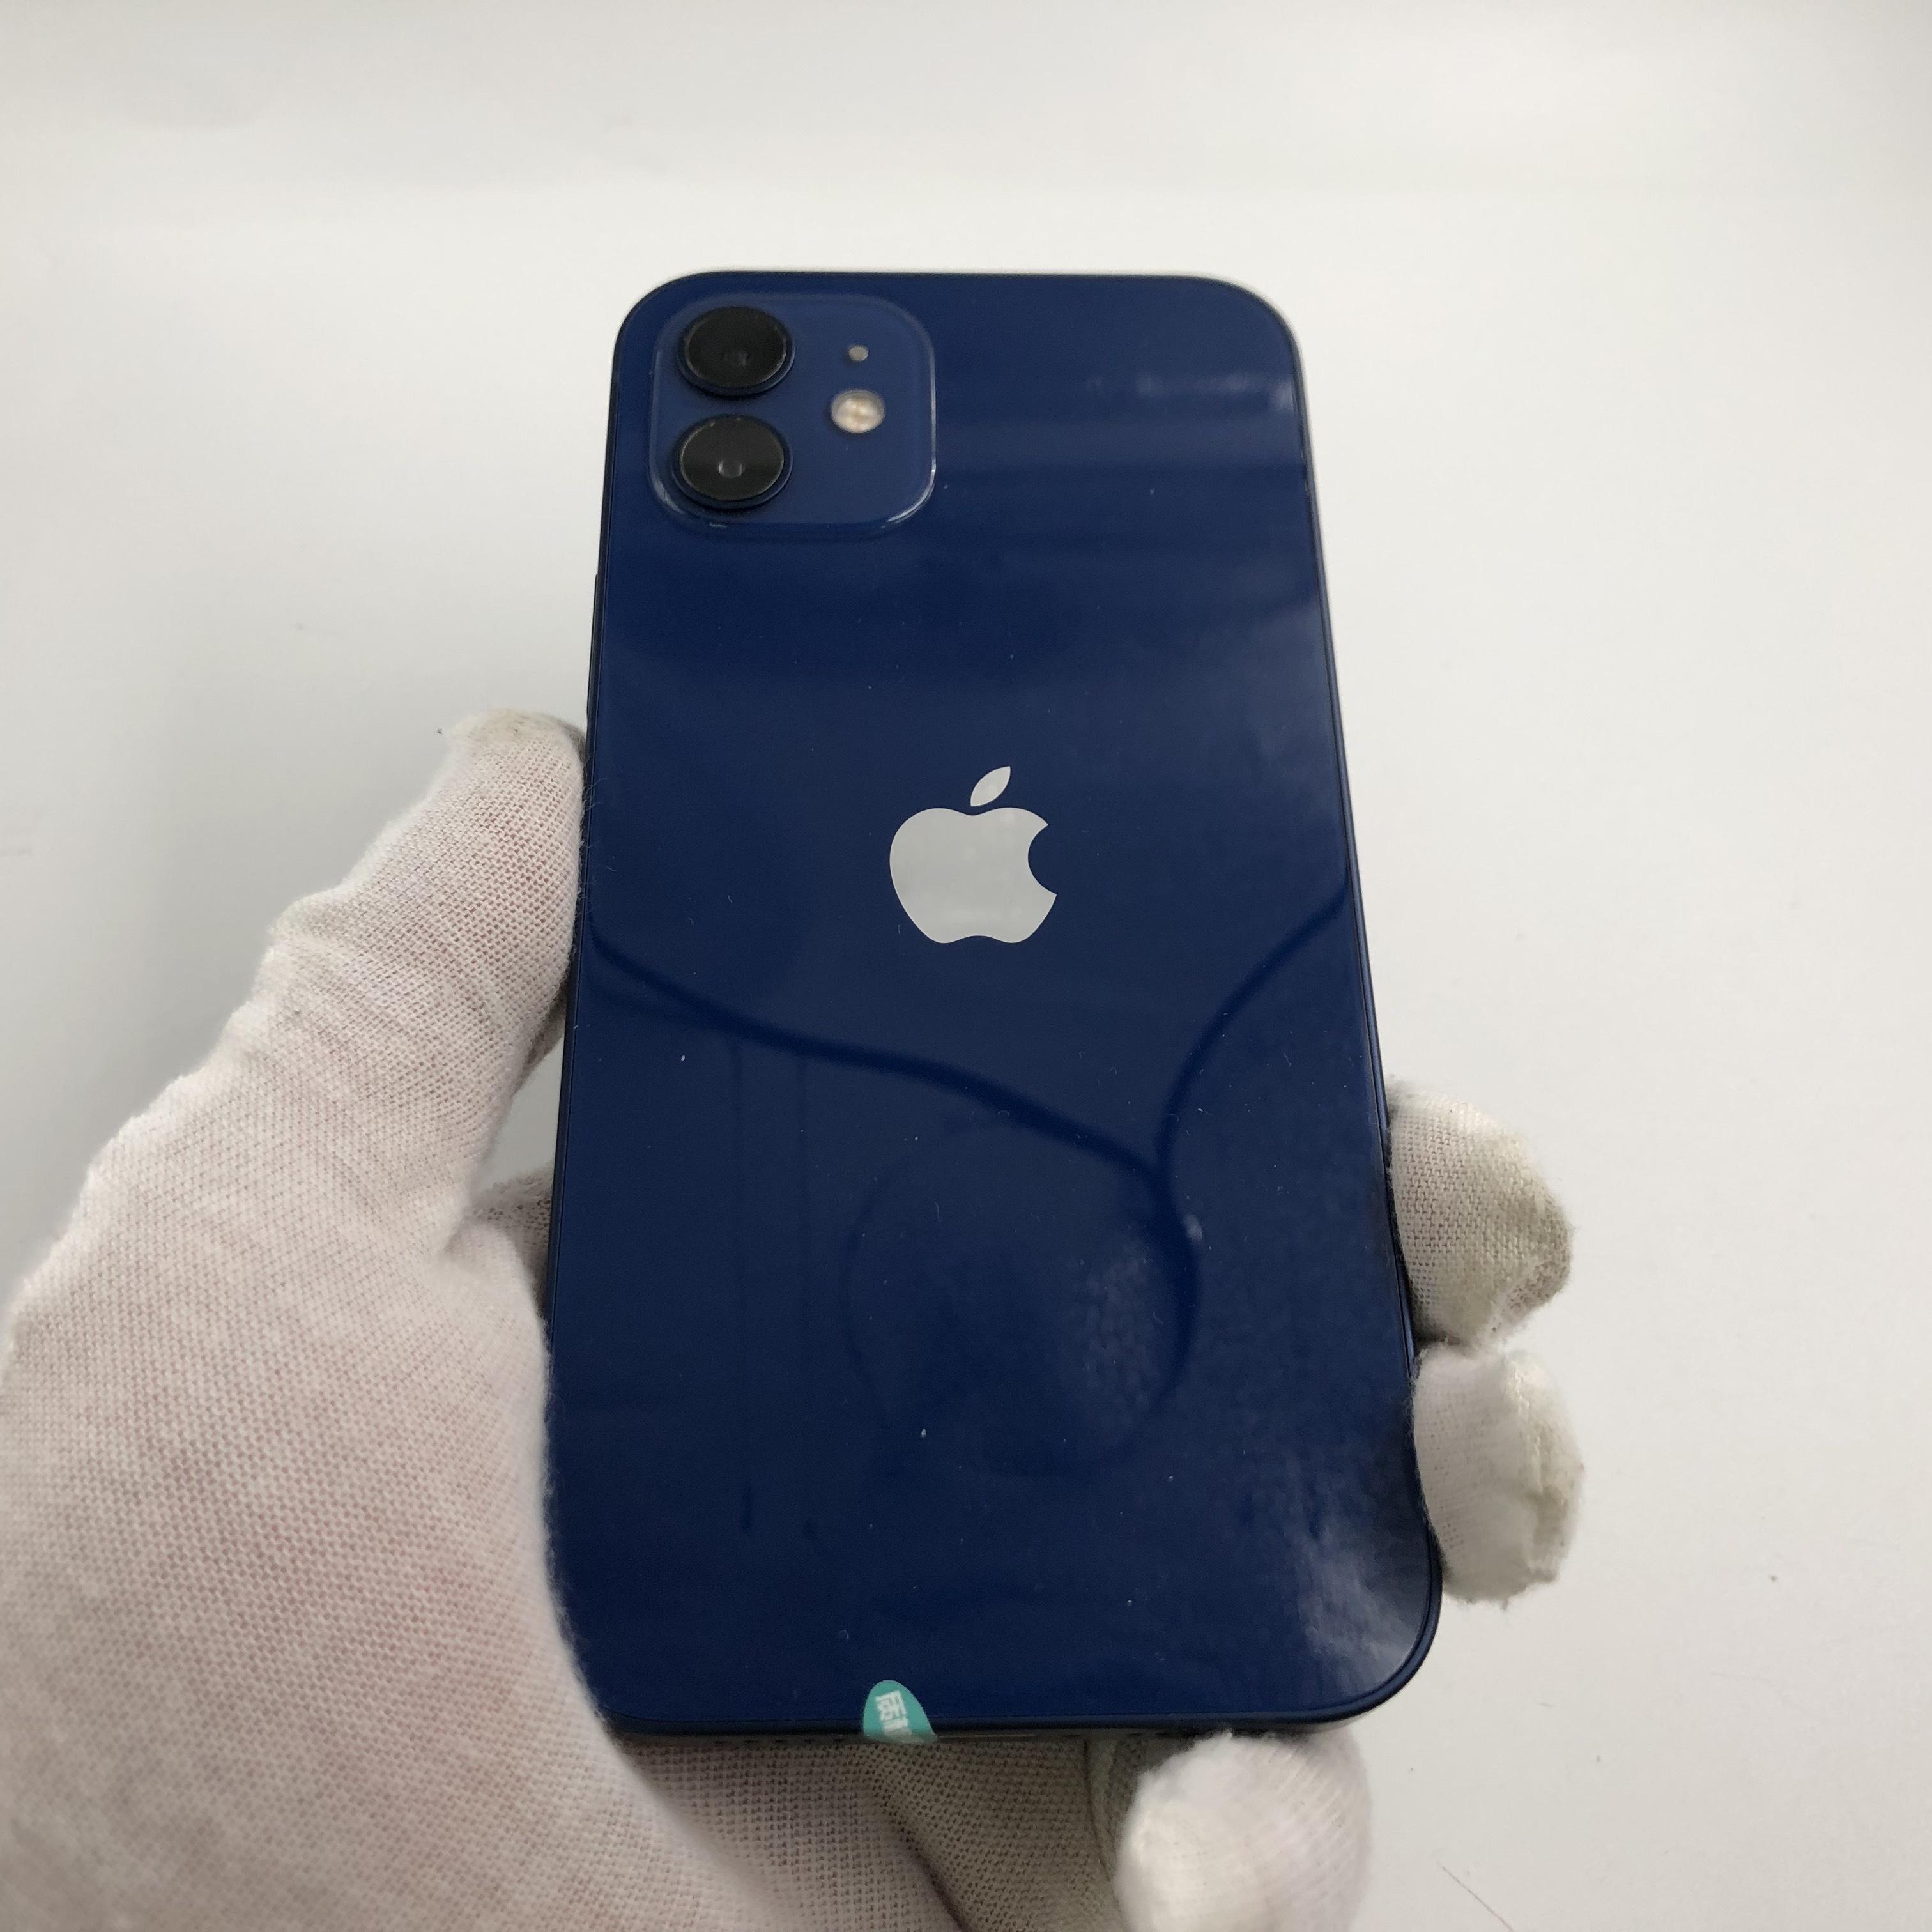 苹果【iPhone 12】5G全网通 蓝色 128G 国行 95新